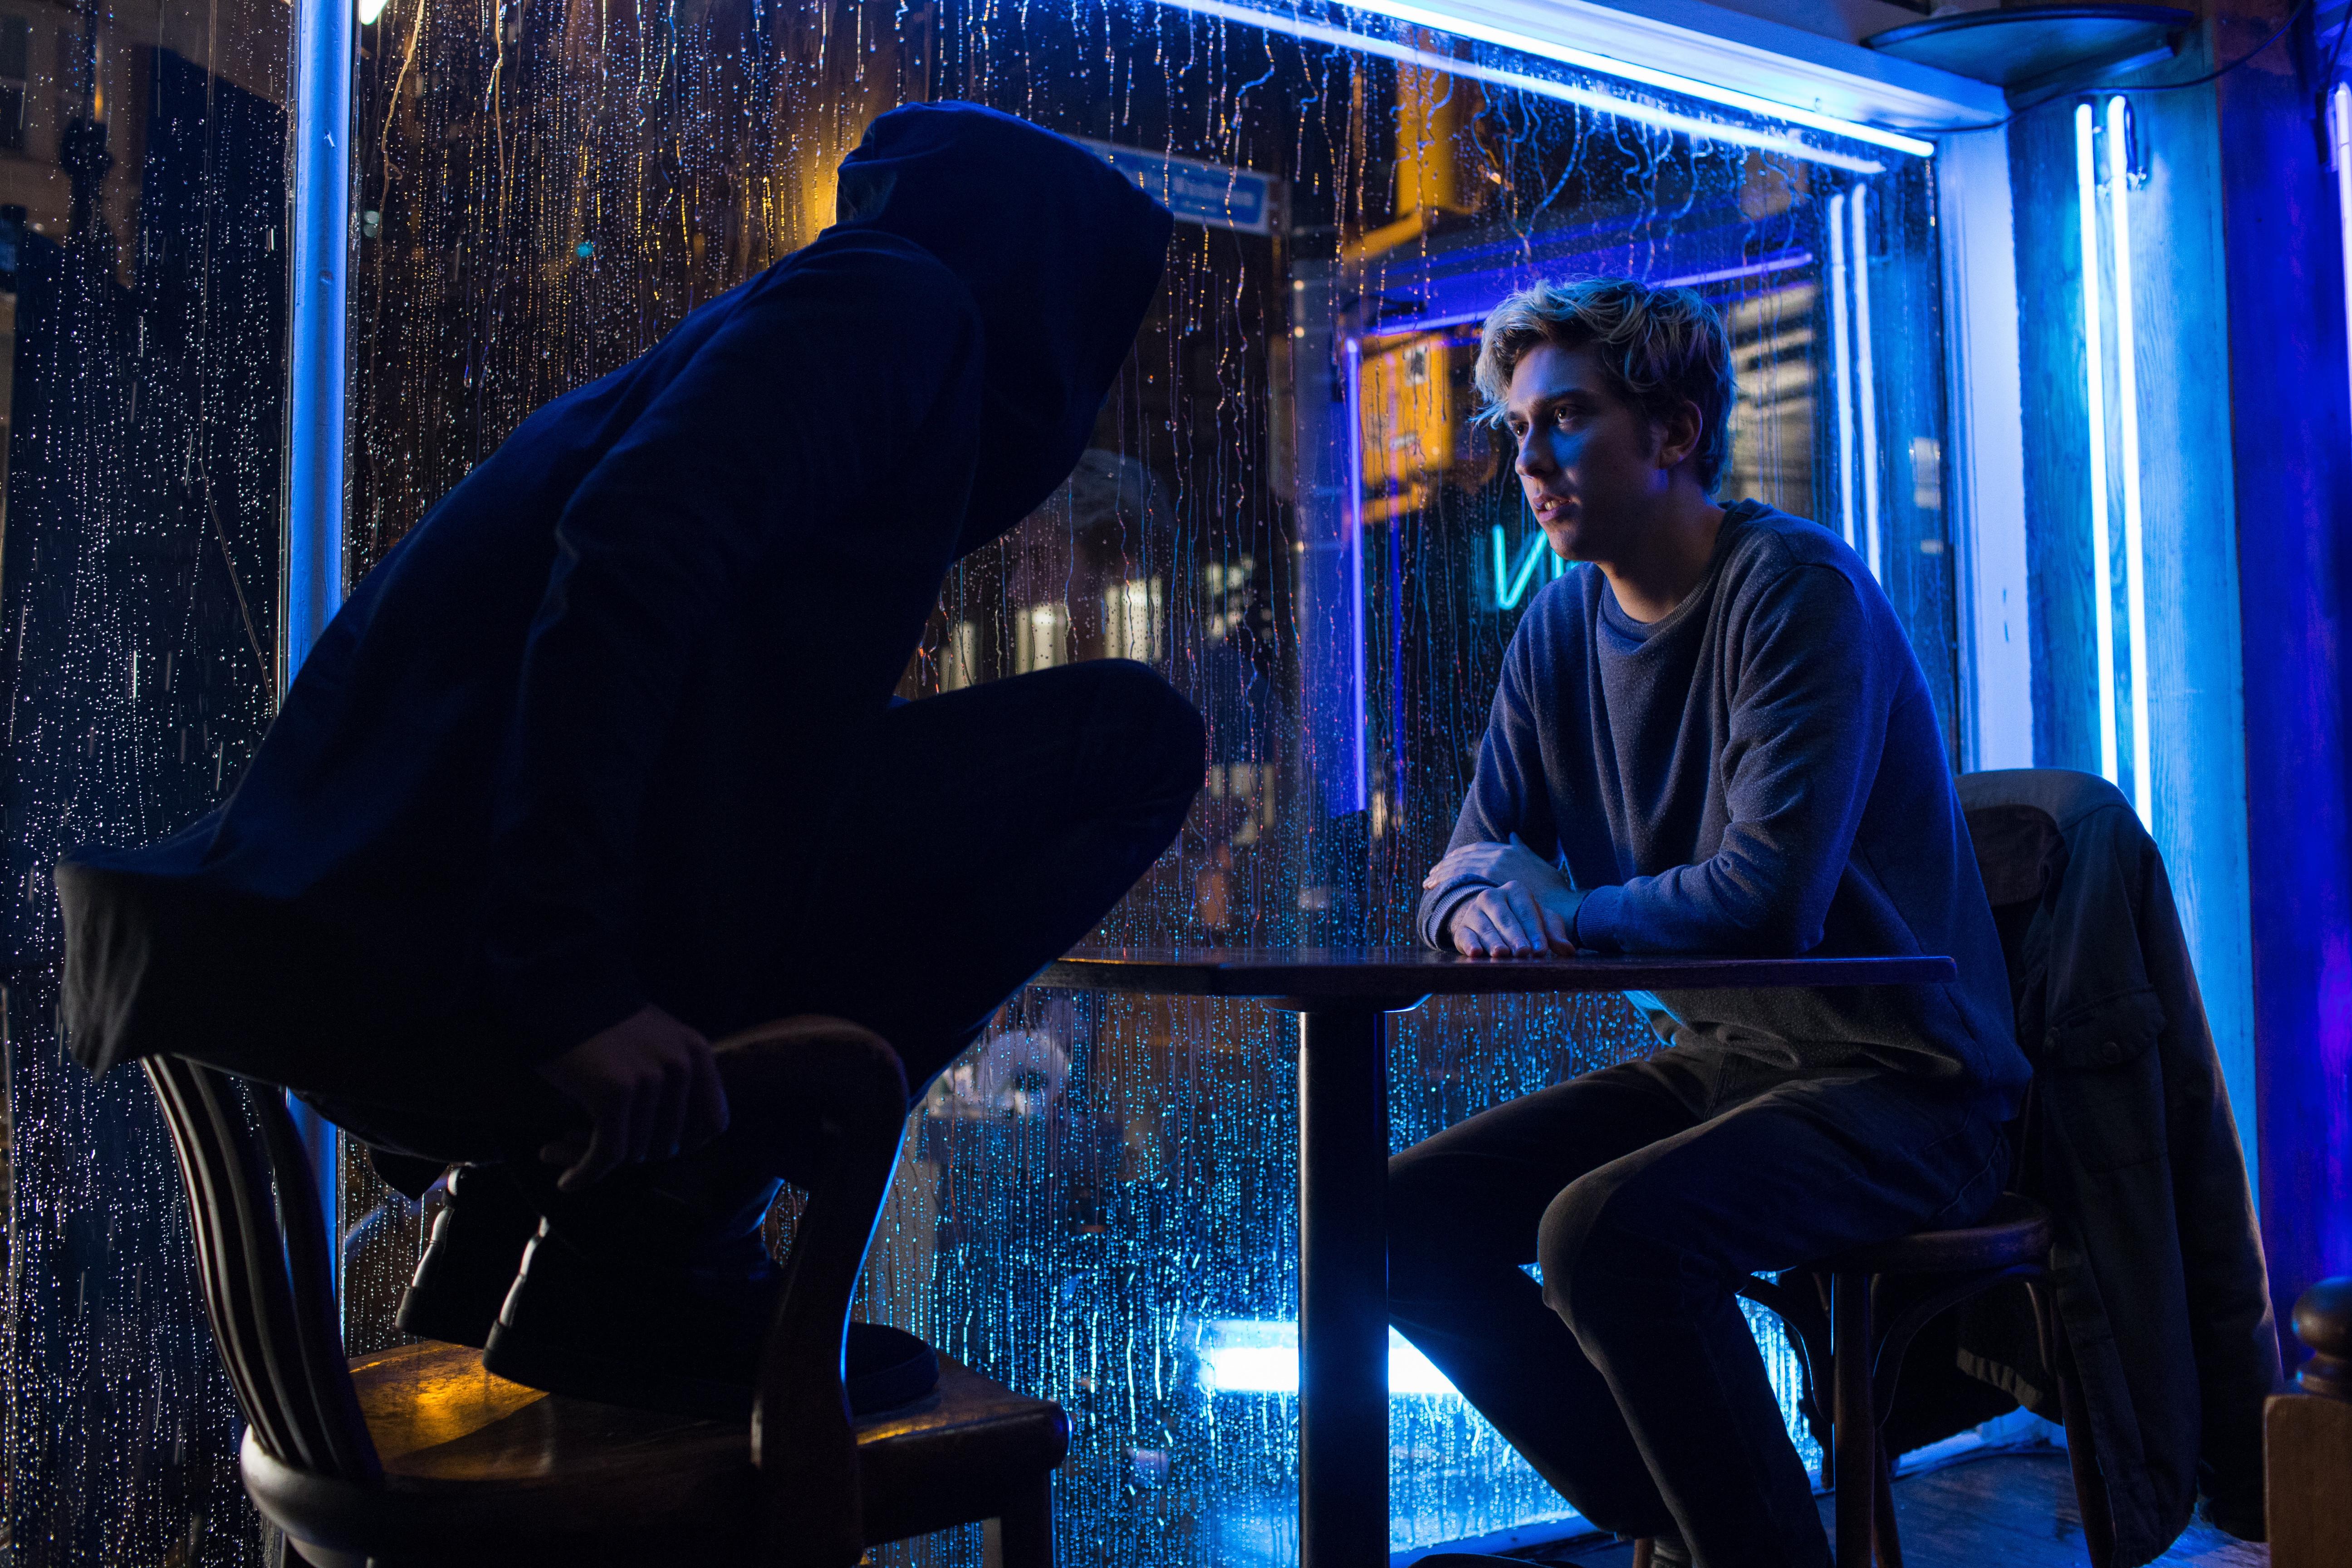 是夜神月與彌海砂都變成洋面孔啦~ Netflix 原創電影死亡筆記本 8 月 25 首映這篇文章的首圖